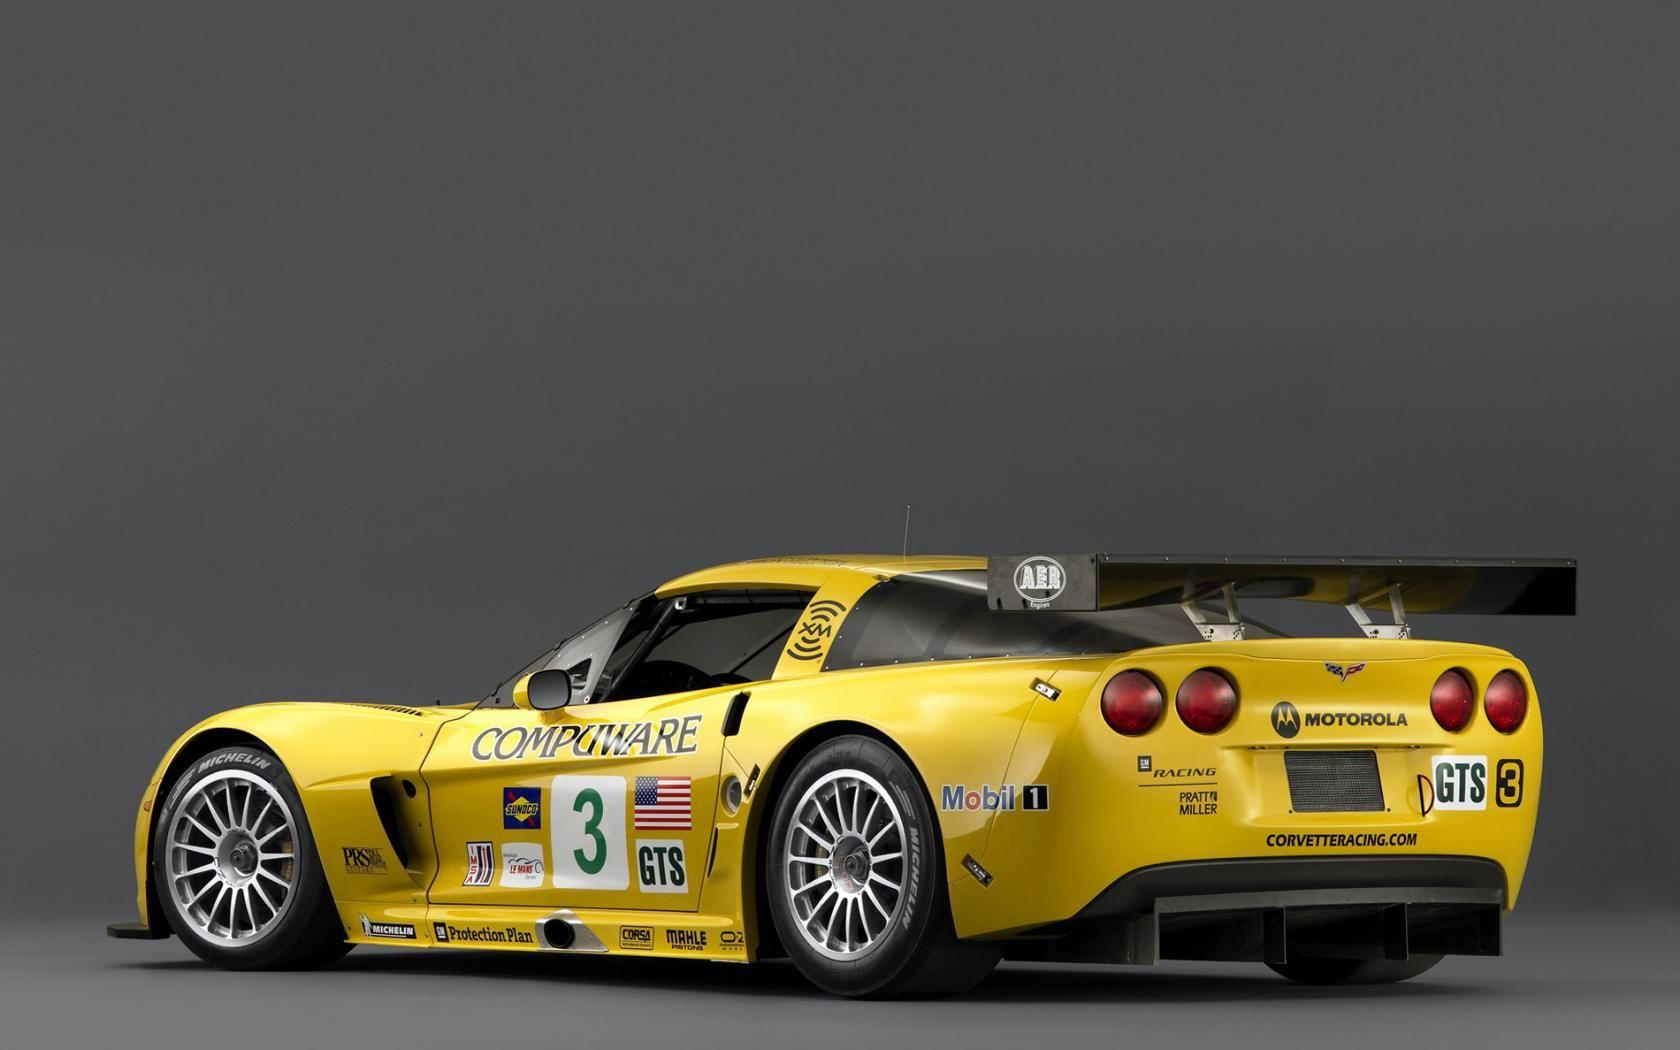 2011 Chevrolet Corvette C6R GTE yellow car